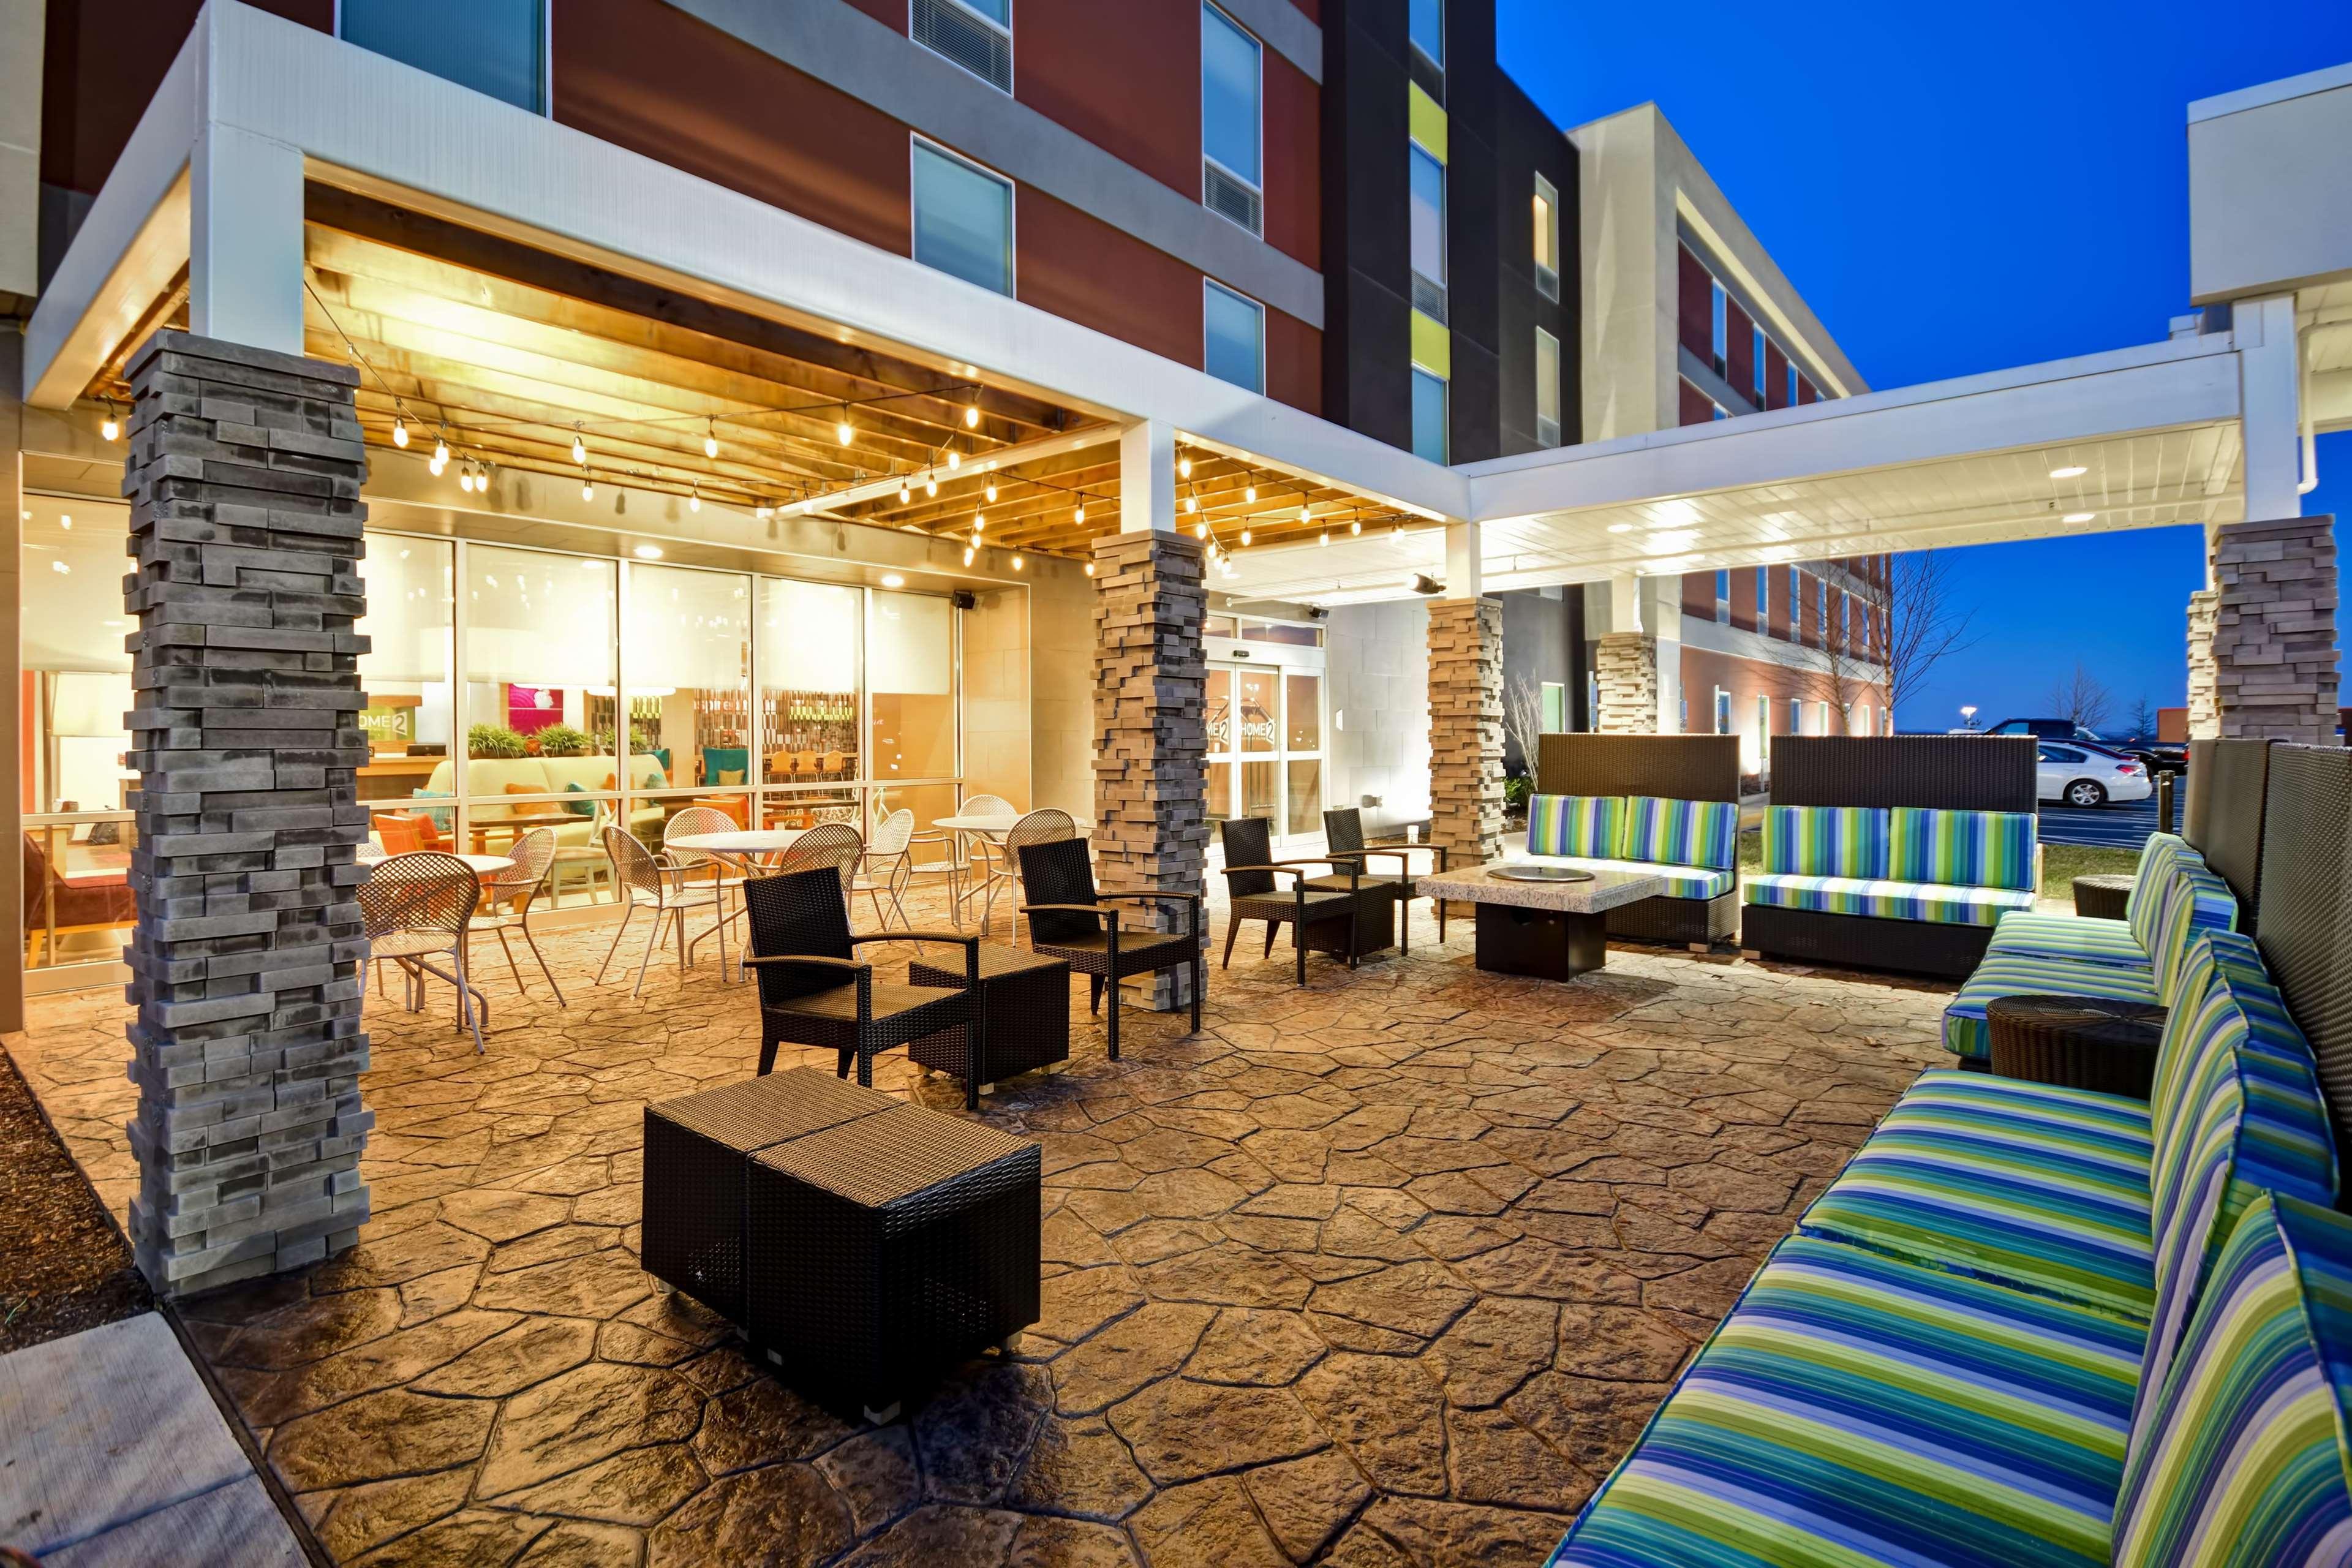 Home2 Suites by Hilton Smyrna Nashville image 8